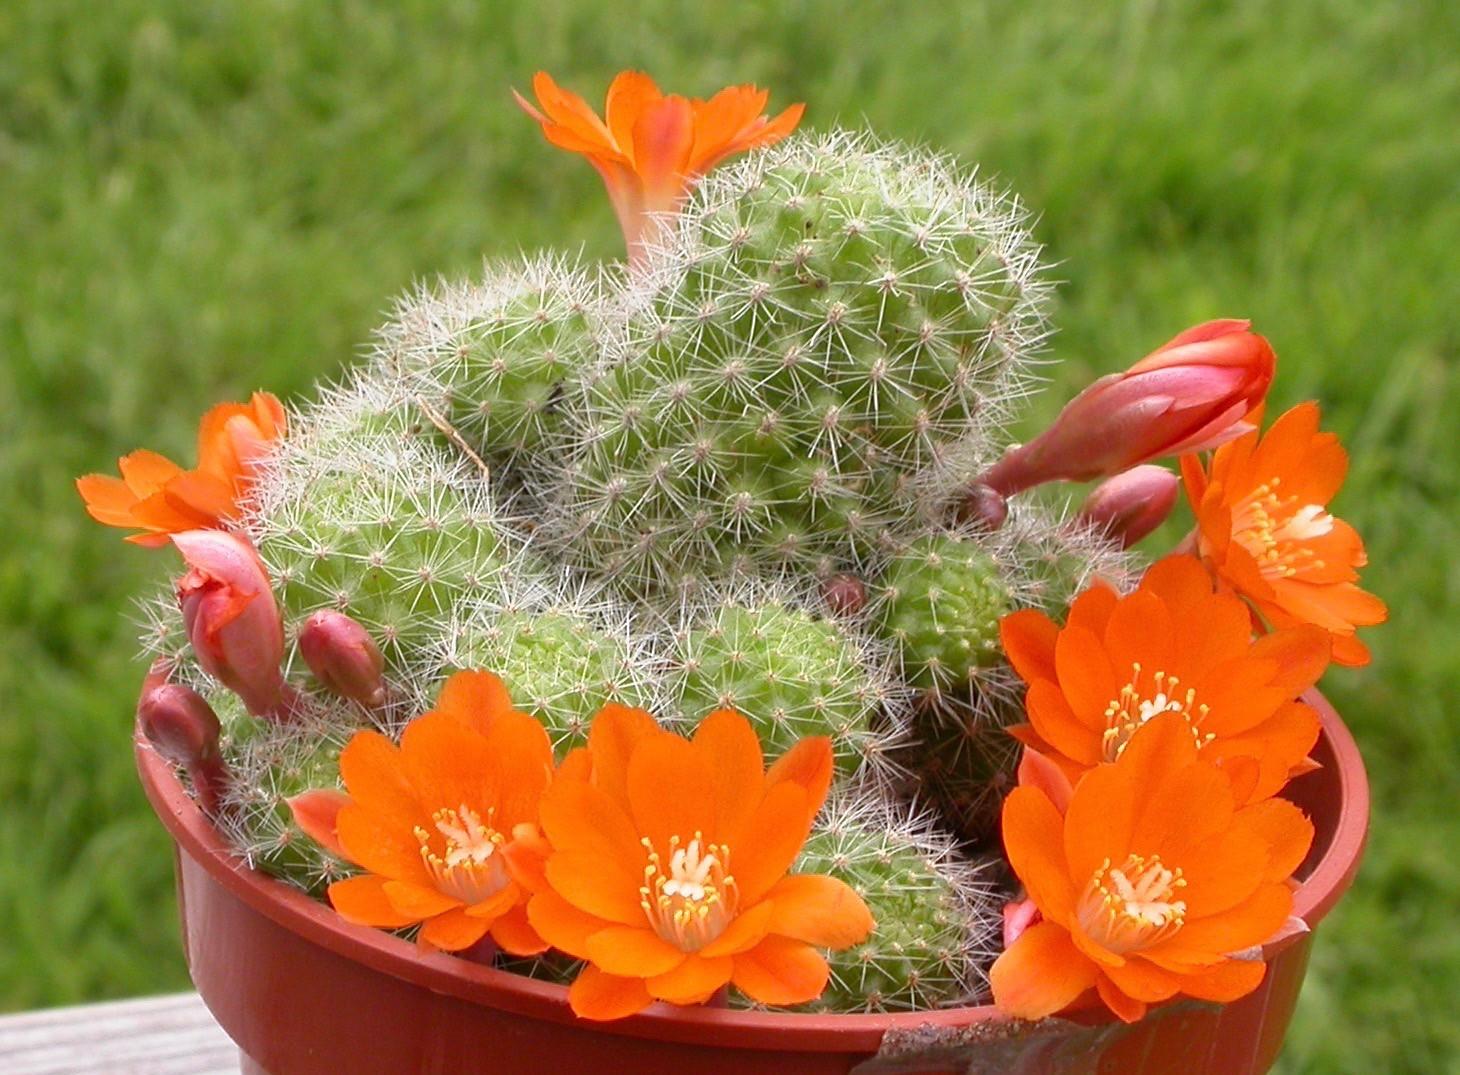 La Rebutia pulvinosa es un cactus pequeño que produce flores naranjas